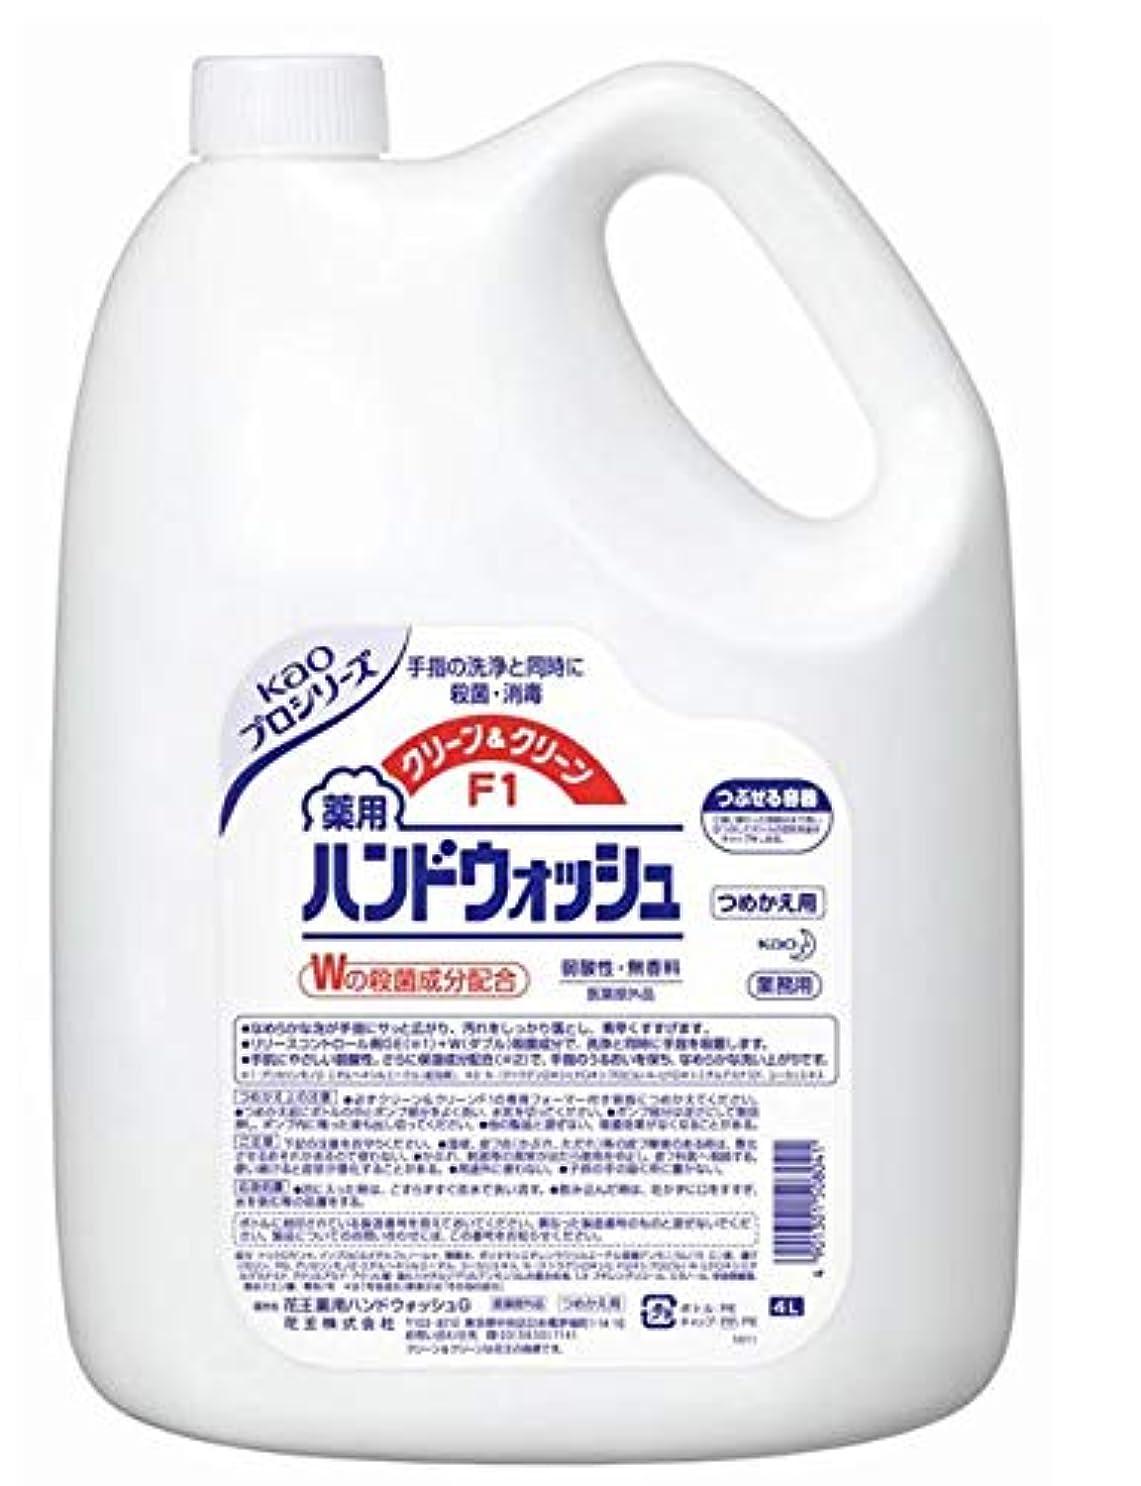 敏感なネブスラム街花王 クリーン&クリーンF1 薬用ハンドウォッシュ 4リットル 3缶セット